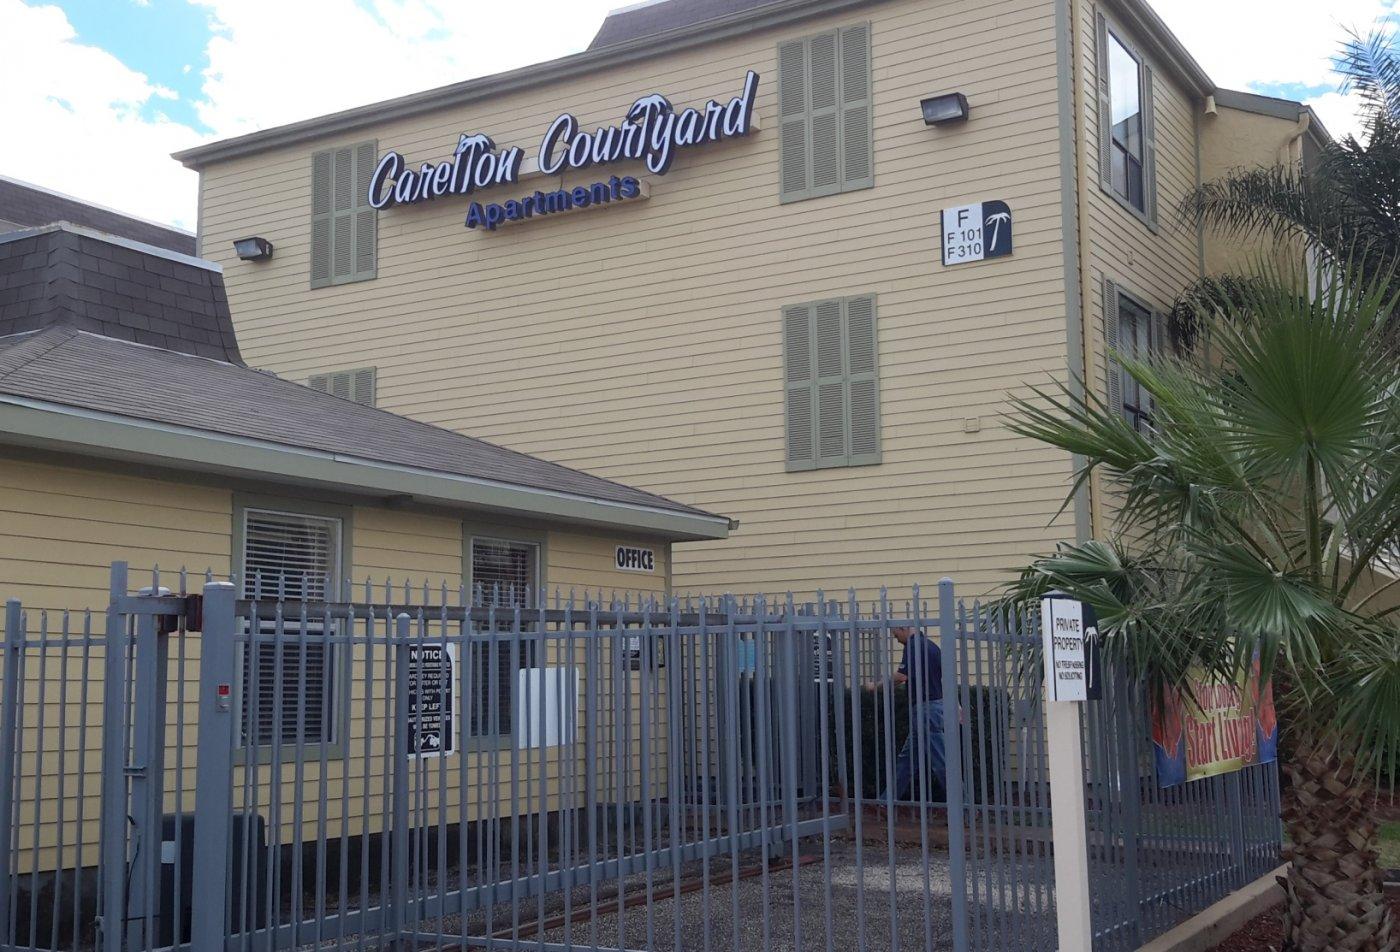 Luxury apartments at Carelton Courtyard apartments in Galveston TX